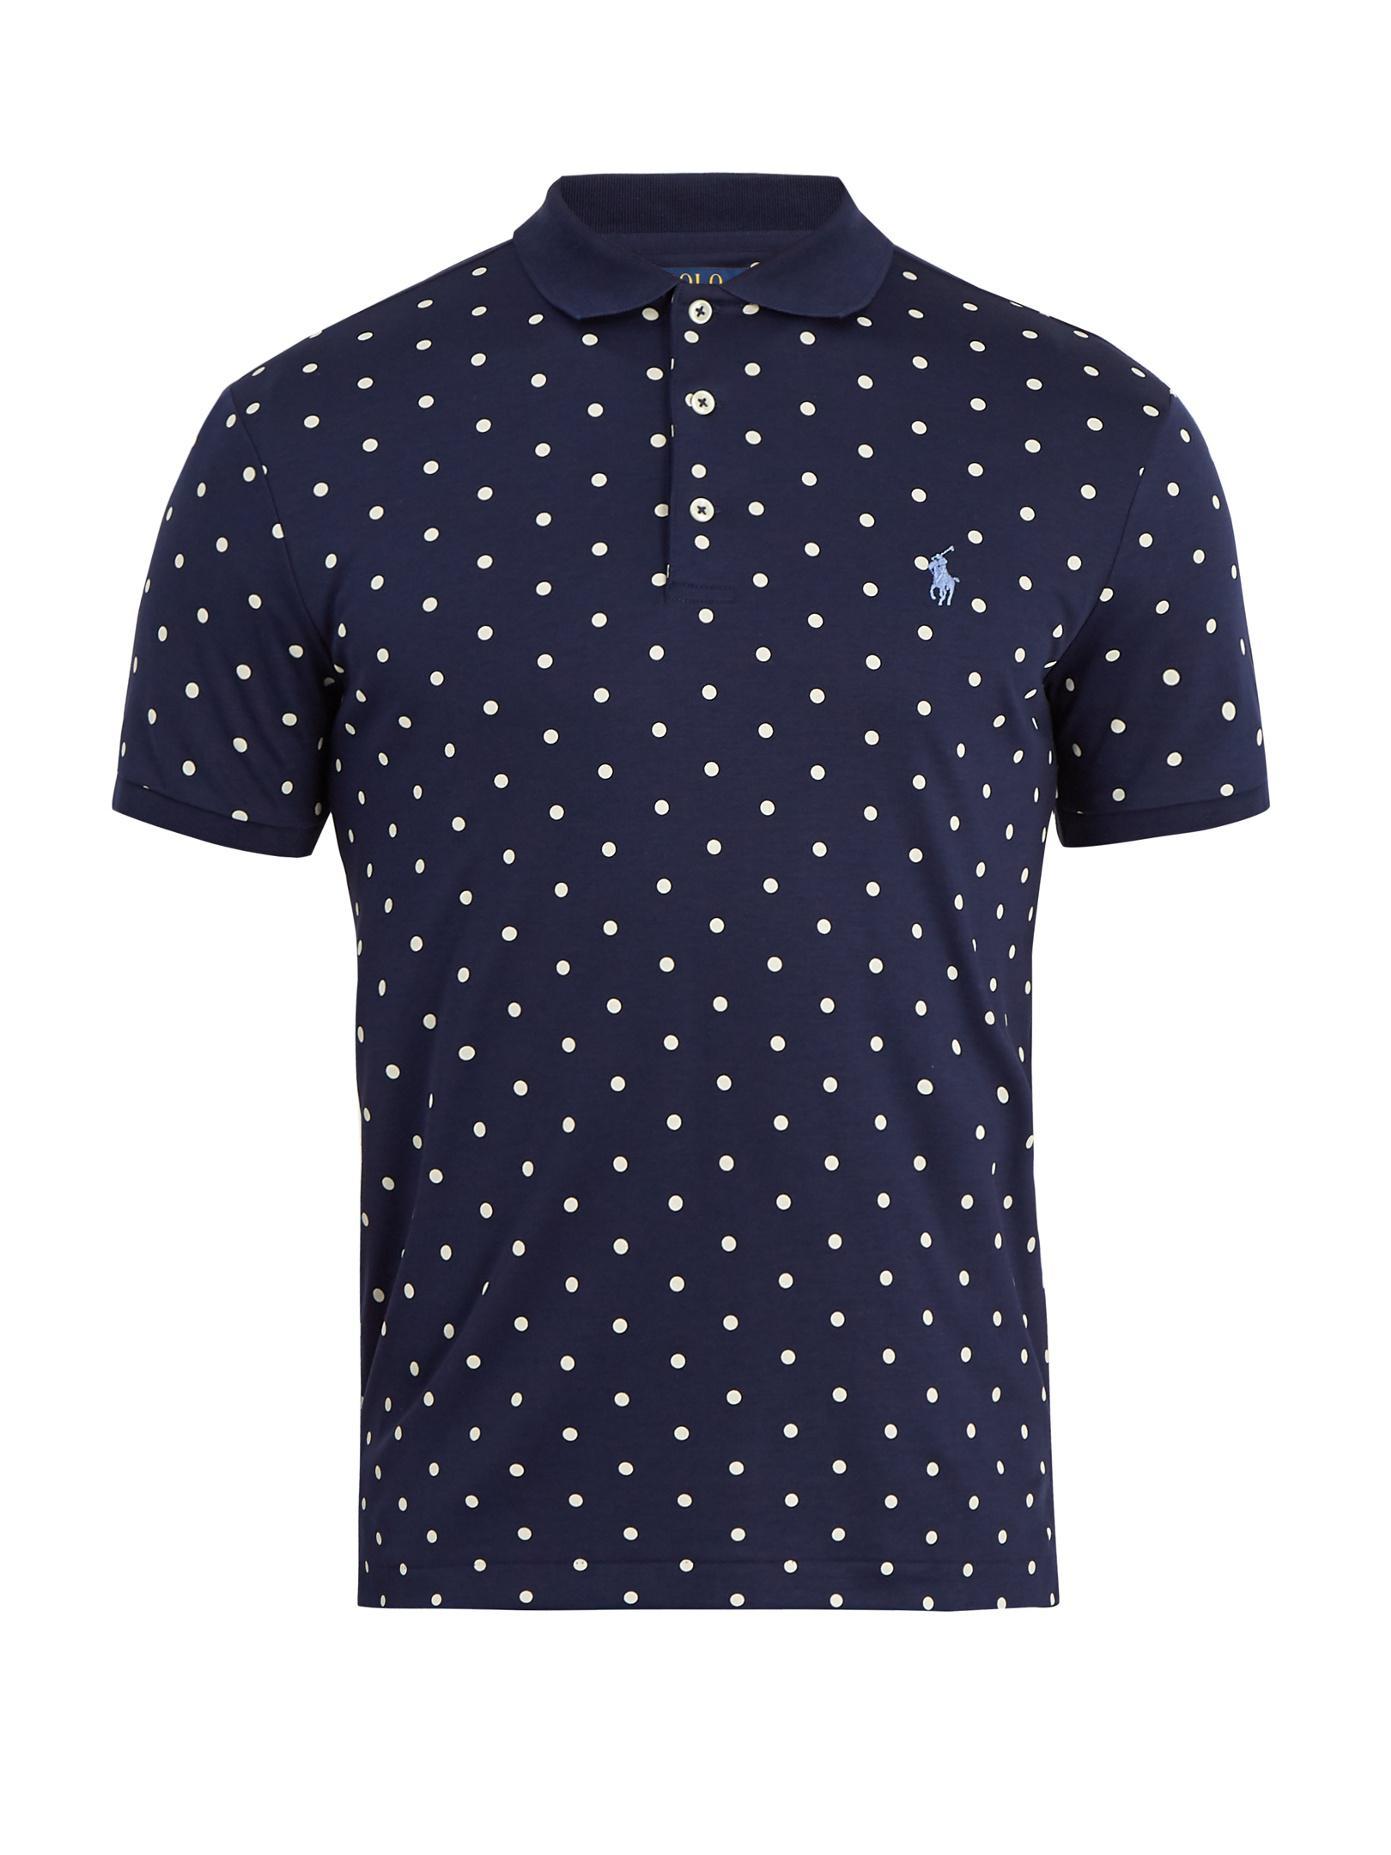 Polo Ralph Lauren Polka Dot Cotton Shirt Blue